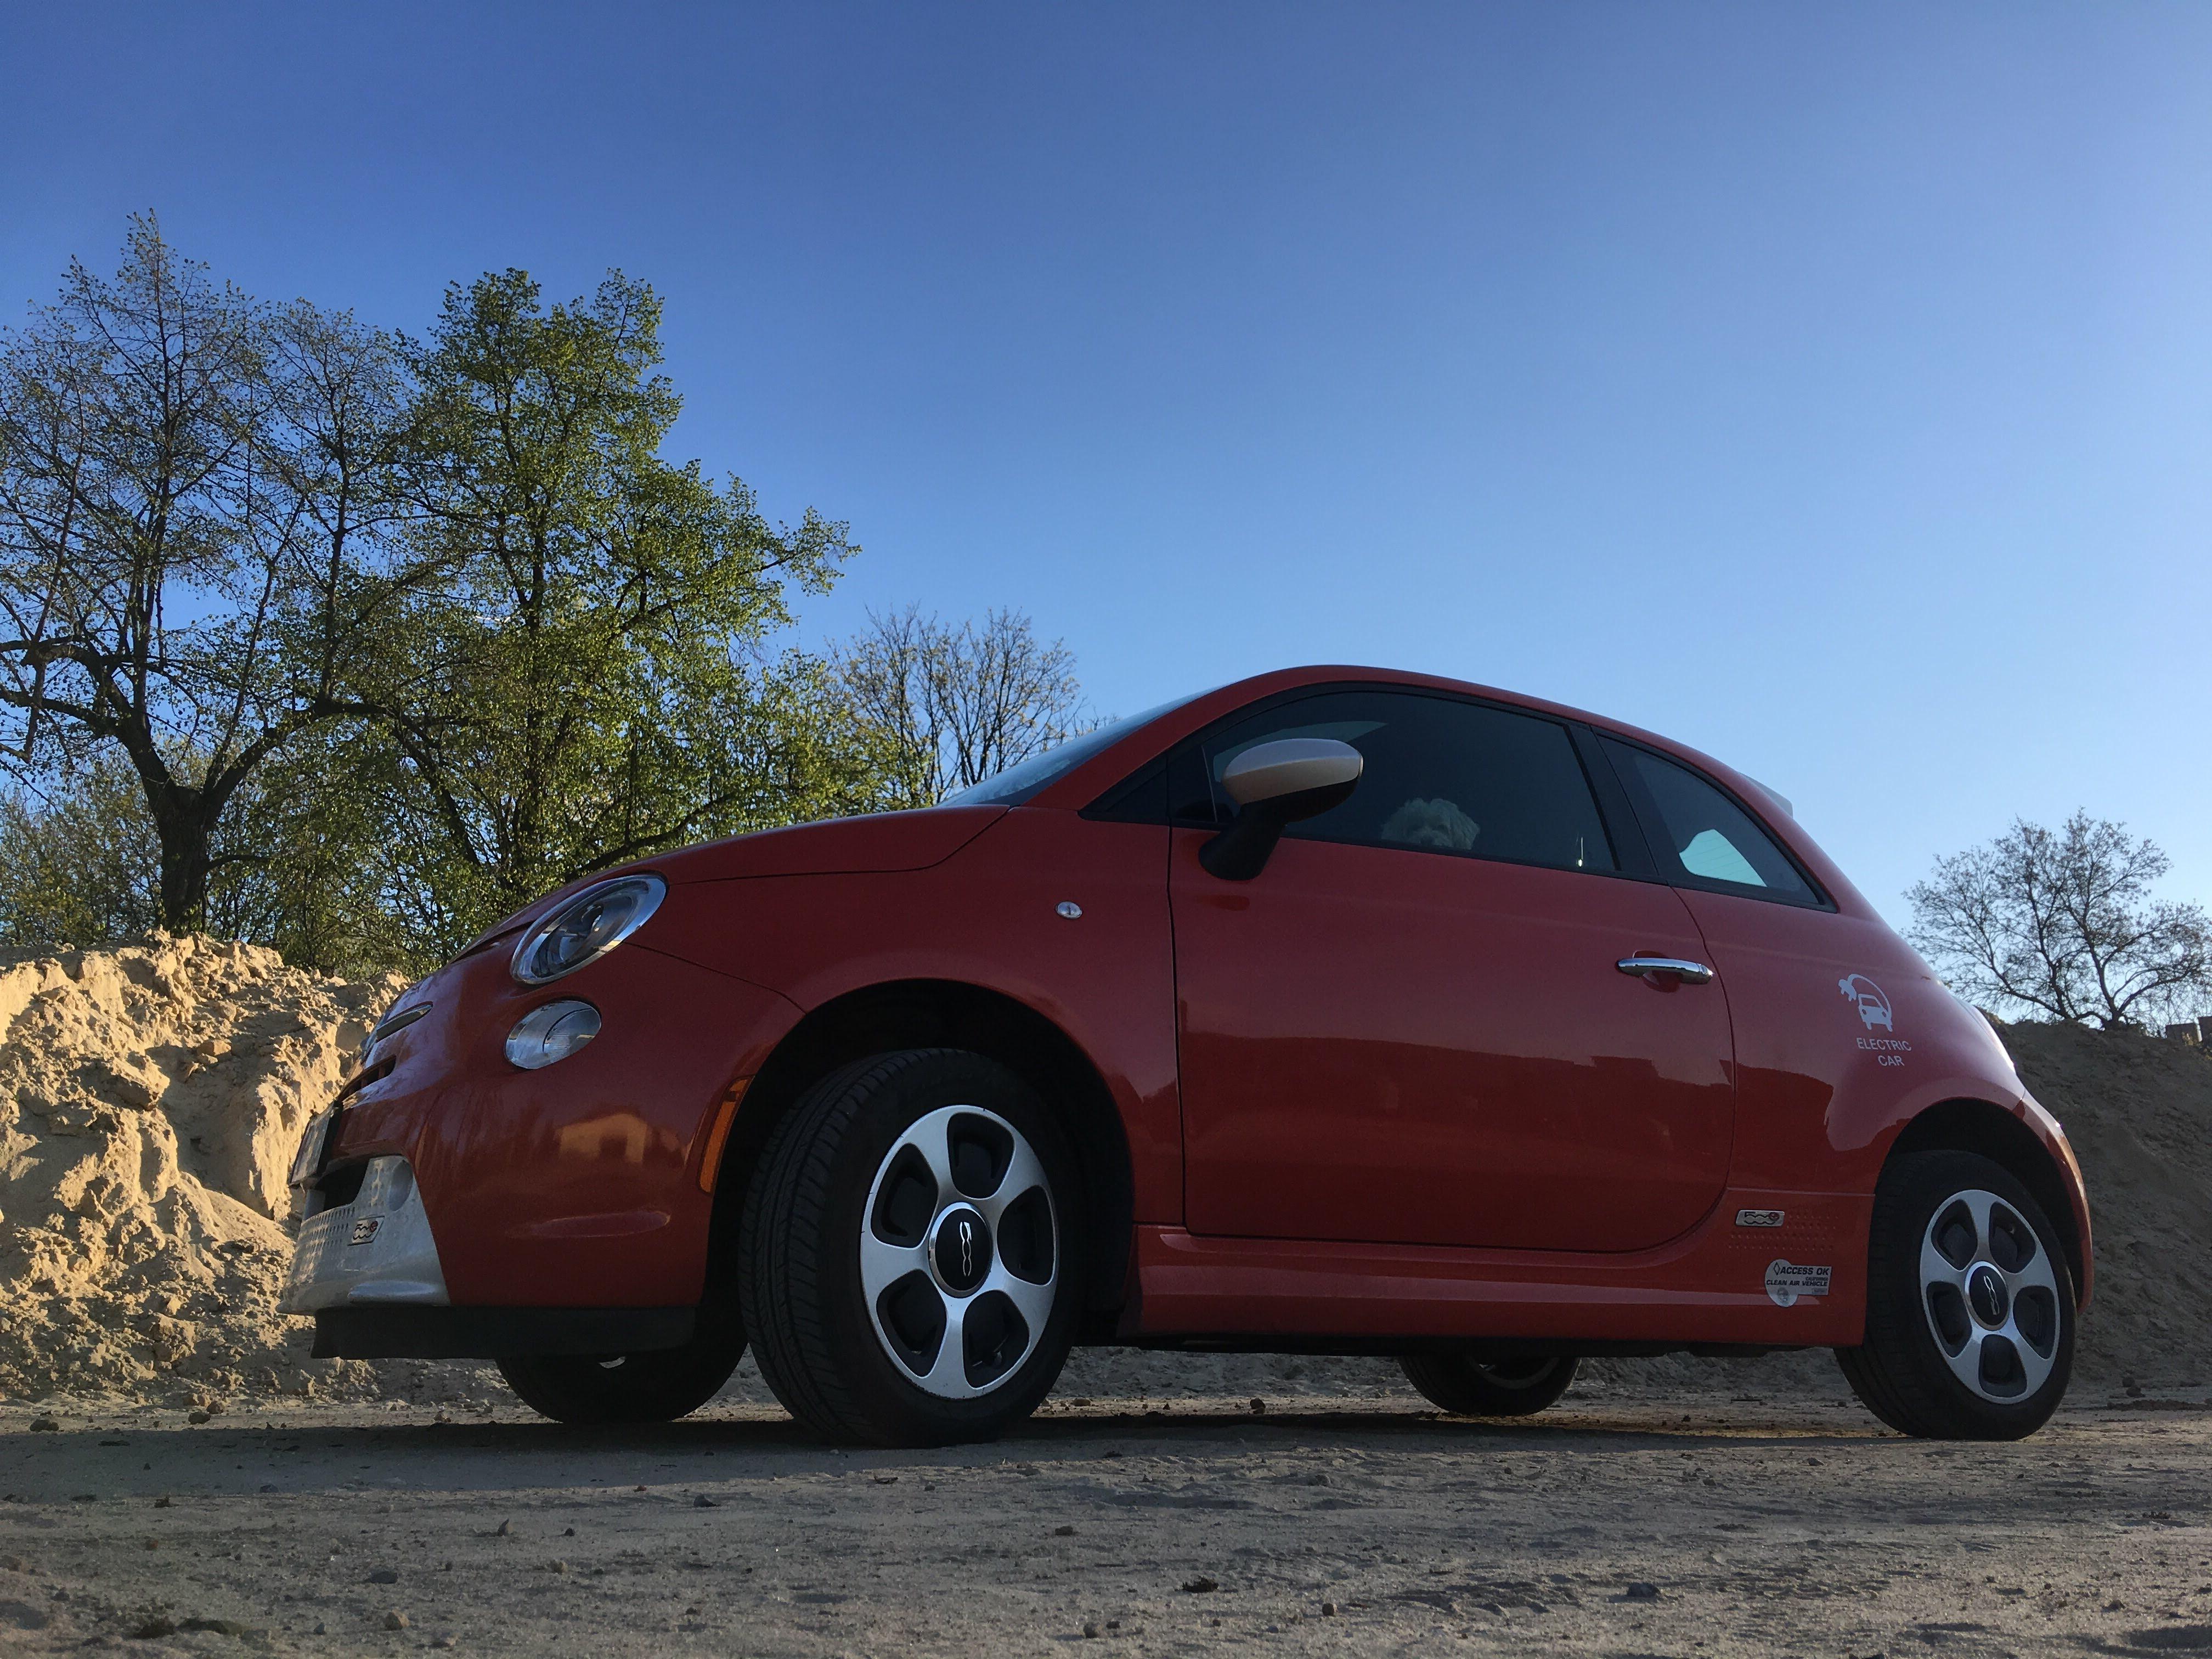 Fiat 500e огляд до або після покупки